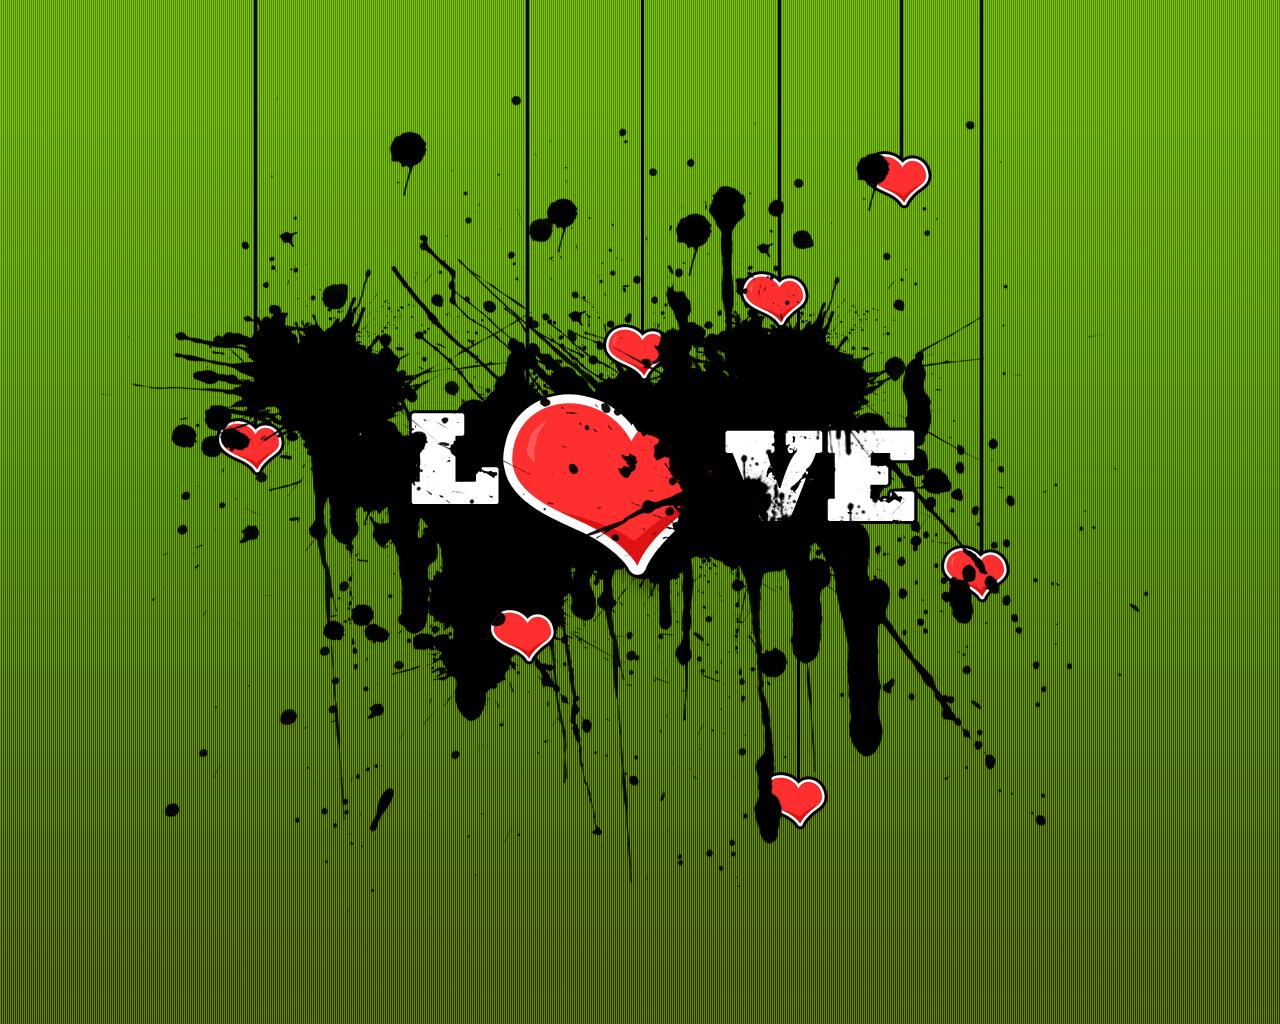 http://3.bp.blogspot.com/-oFuxMAZALHY/TttXqXUcPvI/AAAAAAAABPc/0dQLFBTfYUQ/s1600/love-desktop-wallpapers-30.jpg